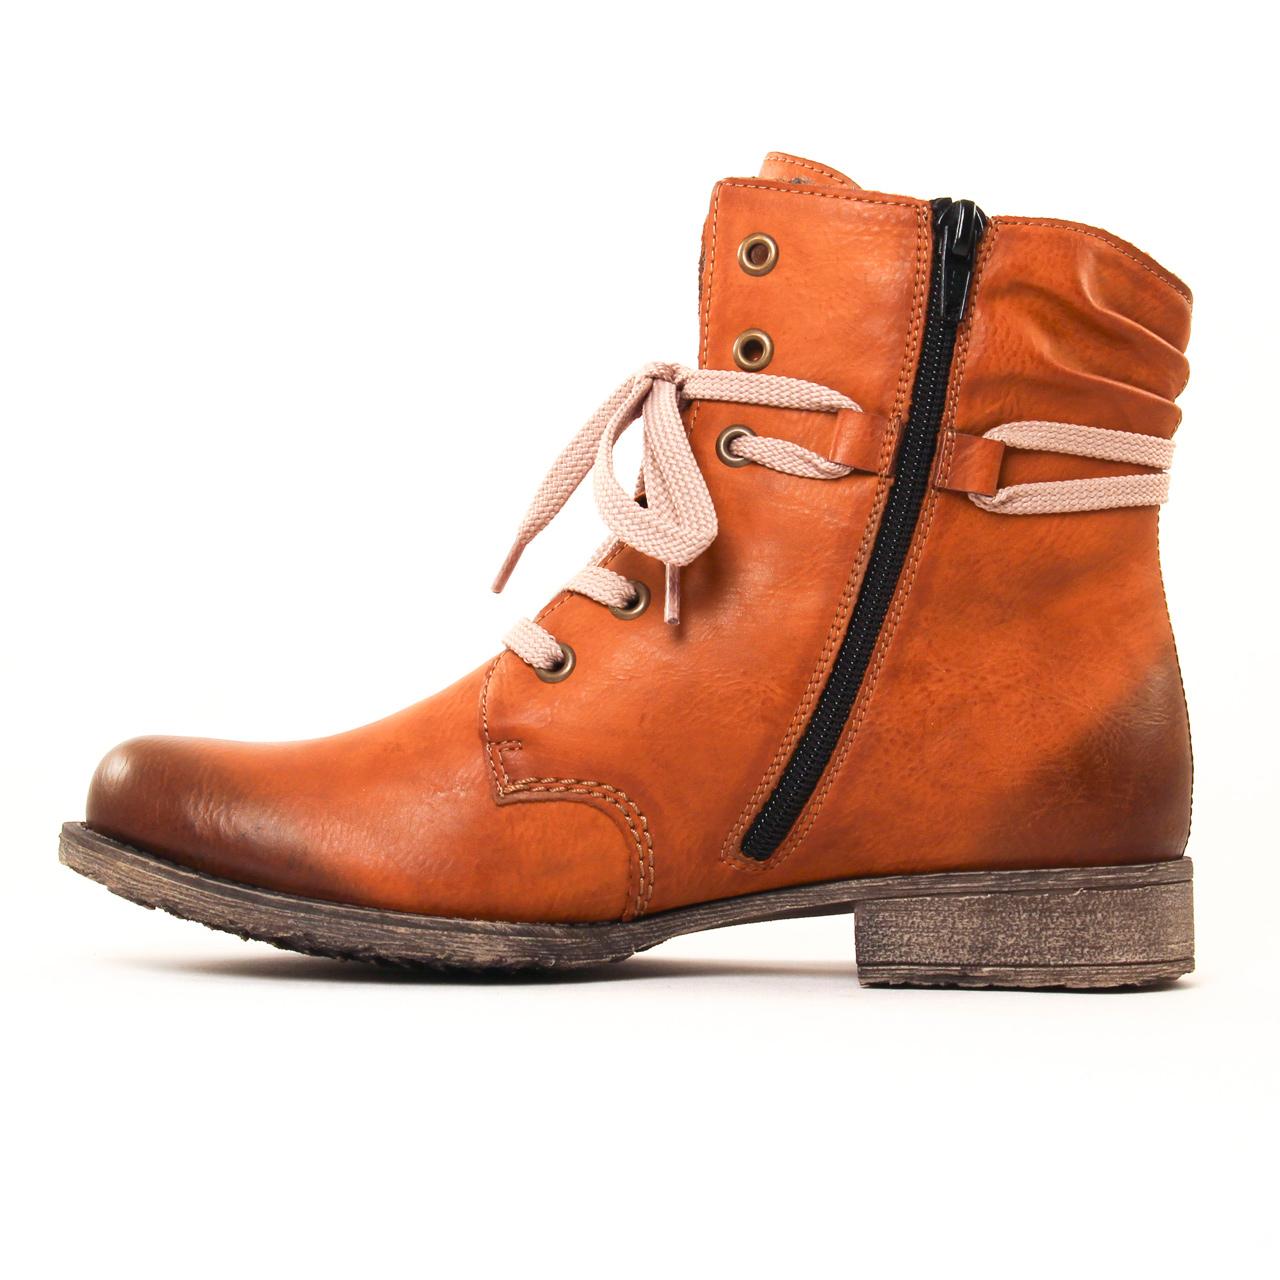 rieker 70829 marron | bottine à lacets marron automne hiver 2017